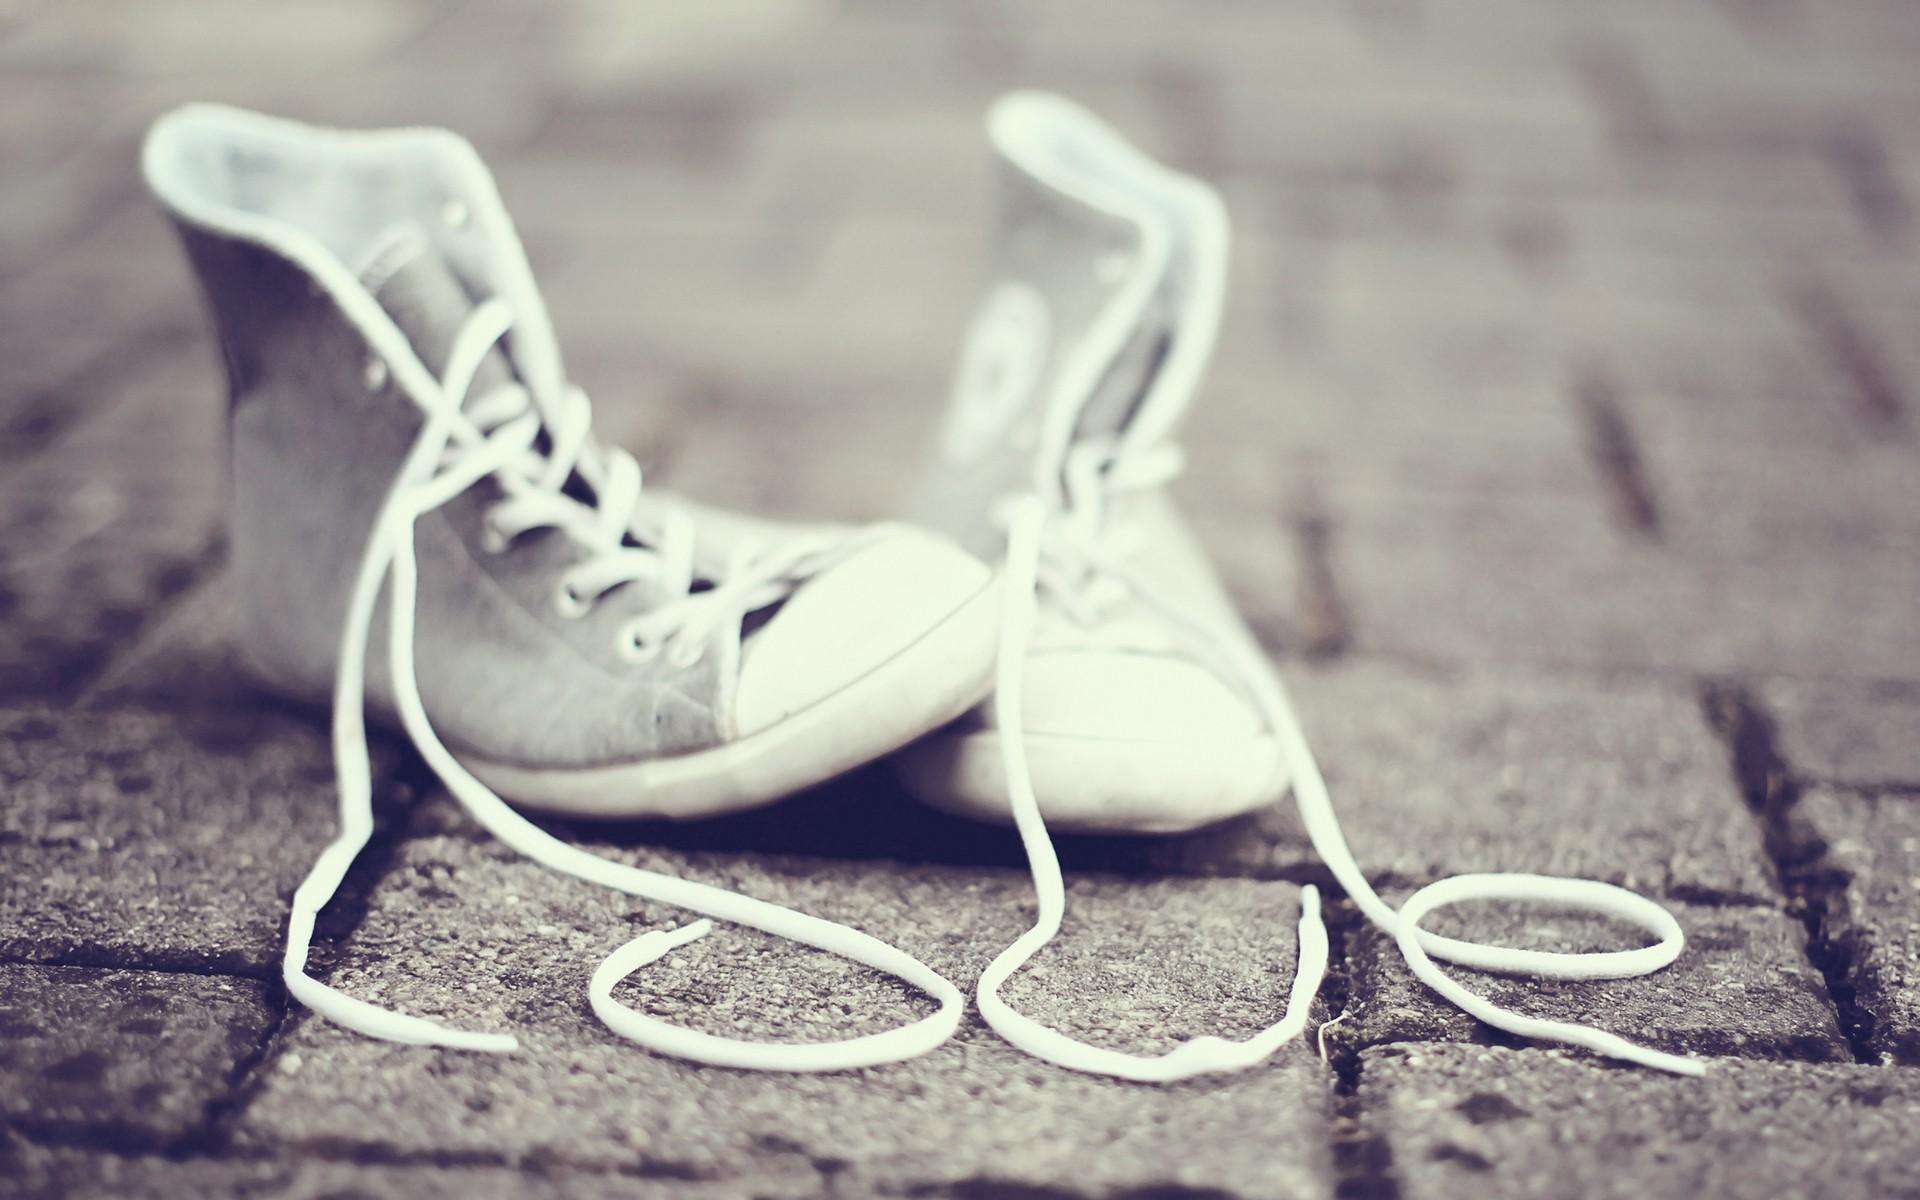 スニーカーの靴ひもは結ばないのが当たり前!?便利すぎる靴ひも登場のサムネイル画像